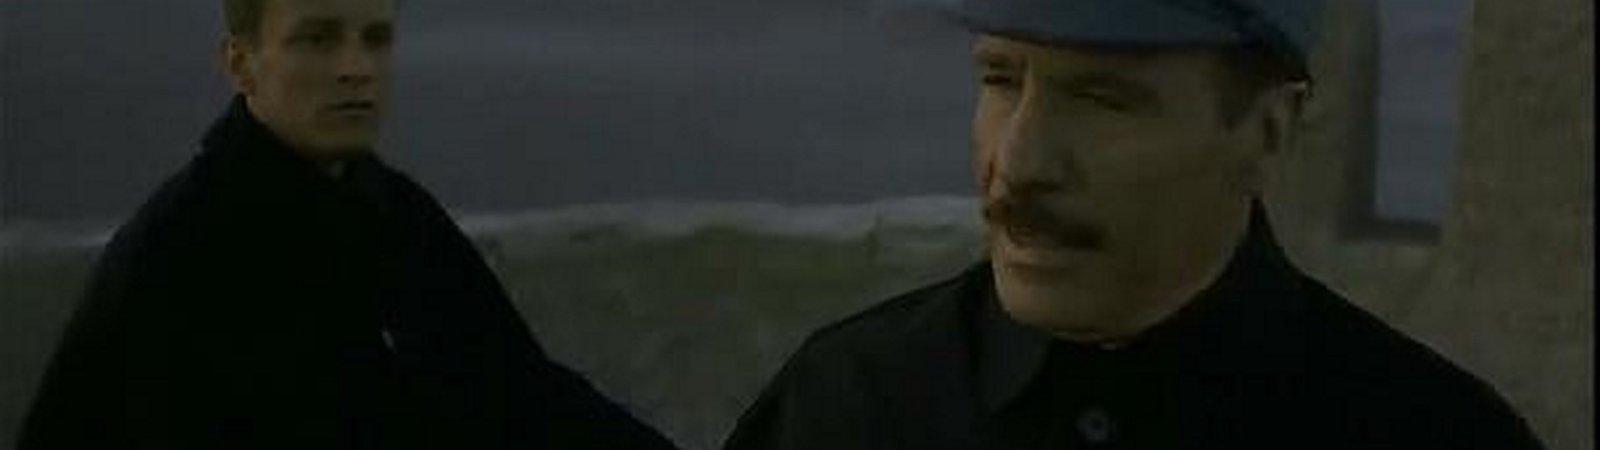 Photo dernier film Vittorio Gassman